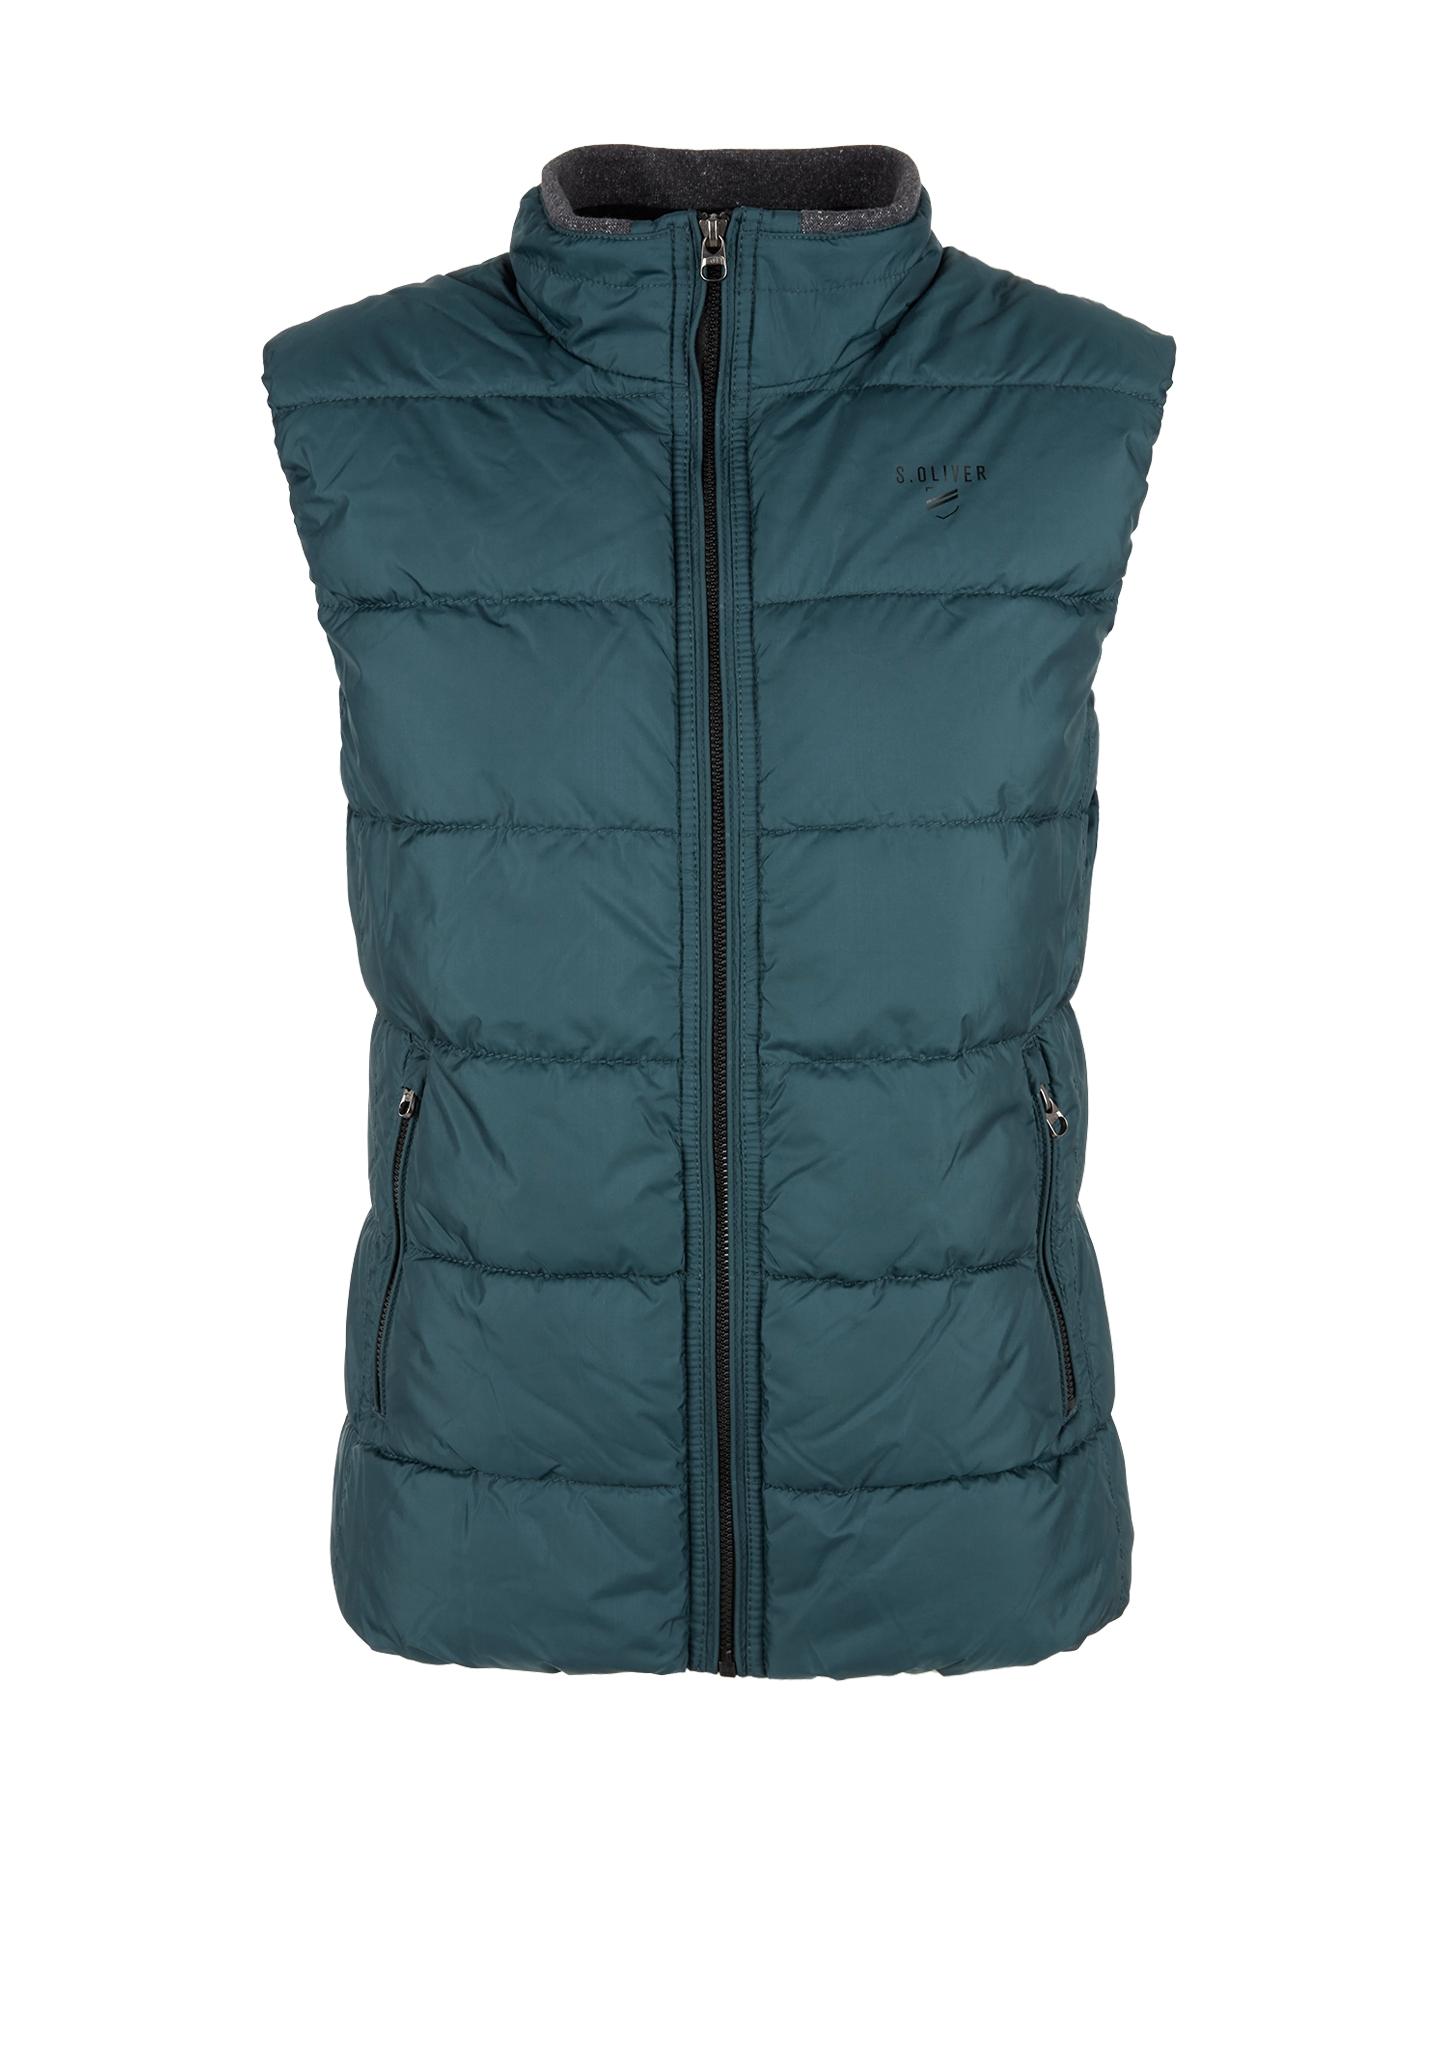 Outdoorweste | Sportbekleidung > Sportwesten > Outdoorwesten | Blau/grün | Obermaterial 100% polyester| futter und füllmaterial 100% polyamid| kragenfutter 95% baumwolle -  5% elasthan | s.Oliver